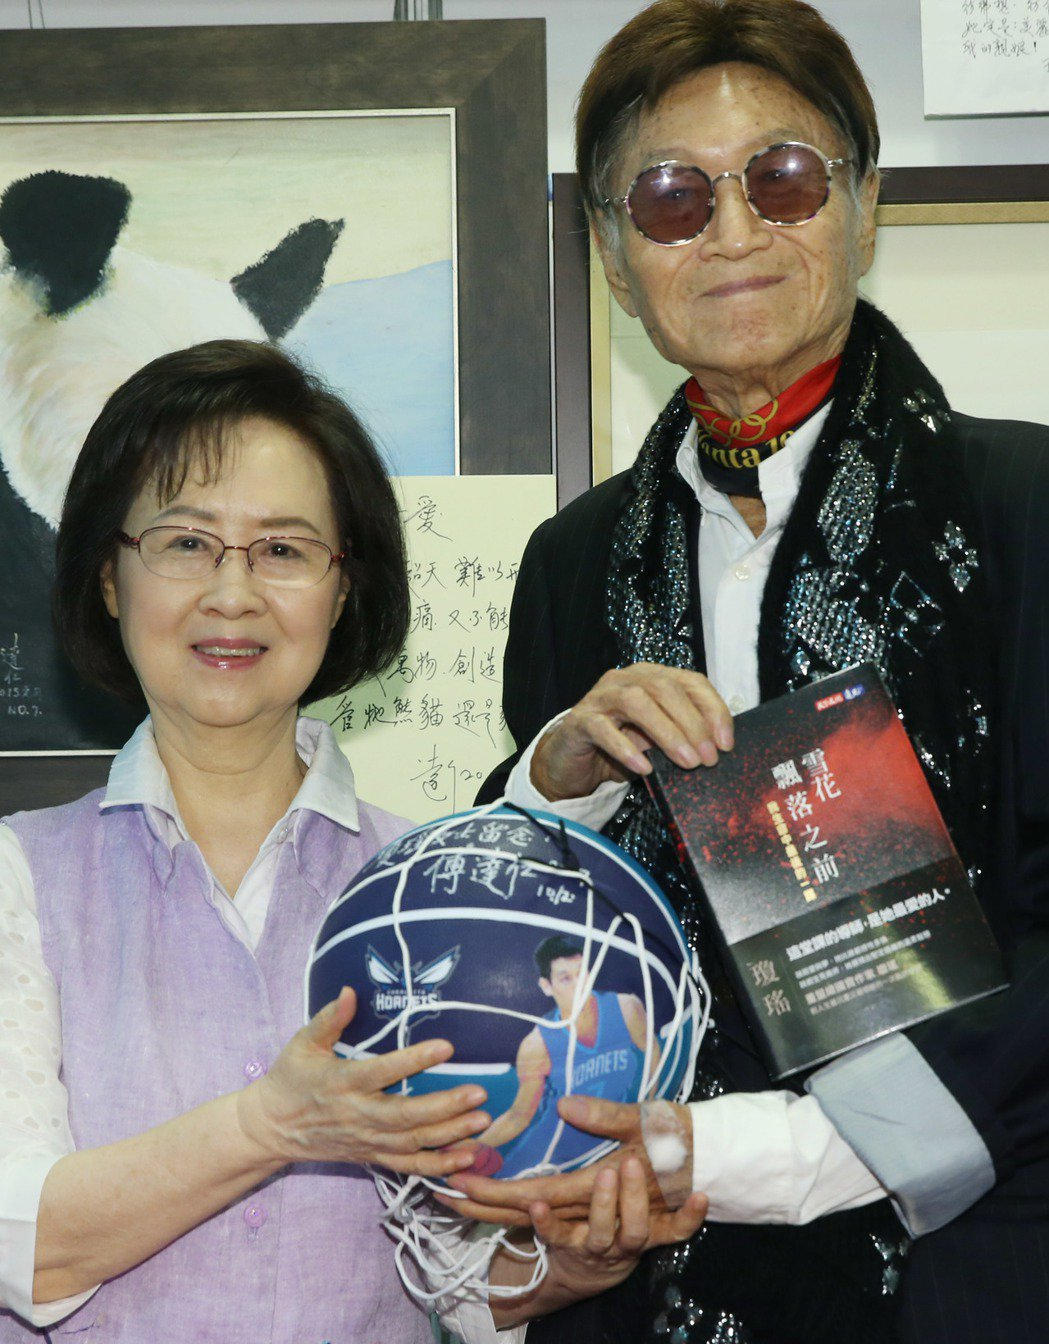 資深媒體人傅達仁與作家瓊瑤,兩人共同宣布成立尊嚴安樂善終協會為台灣安樂死,傅達仁...